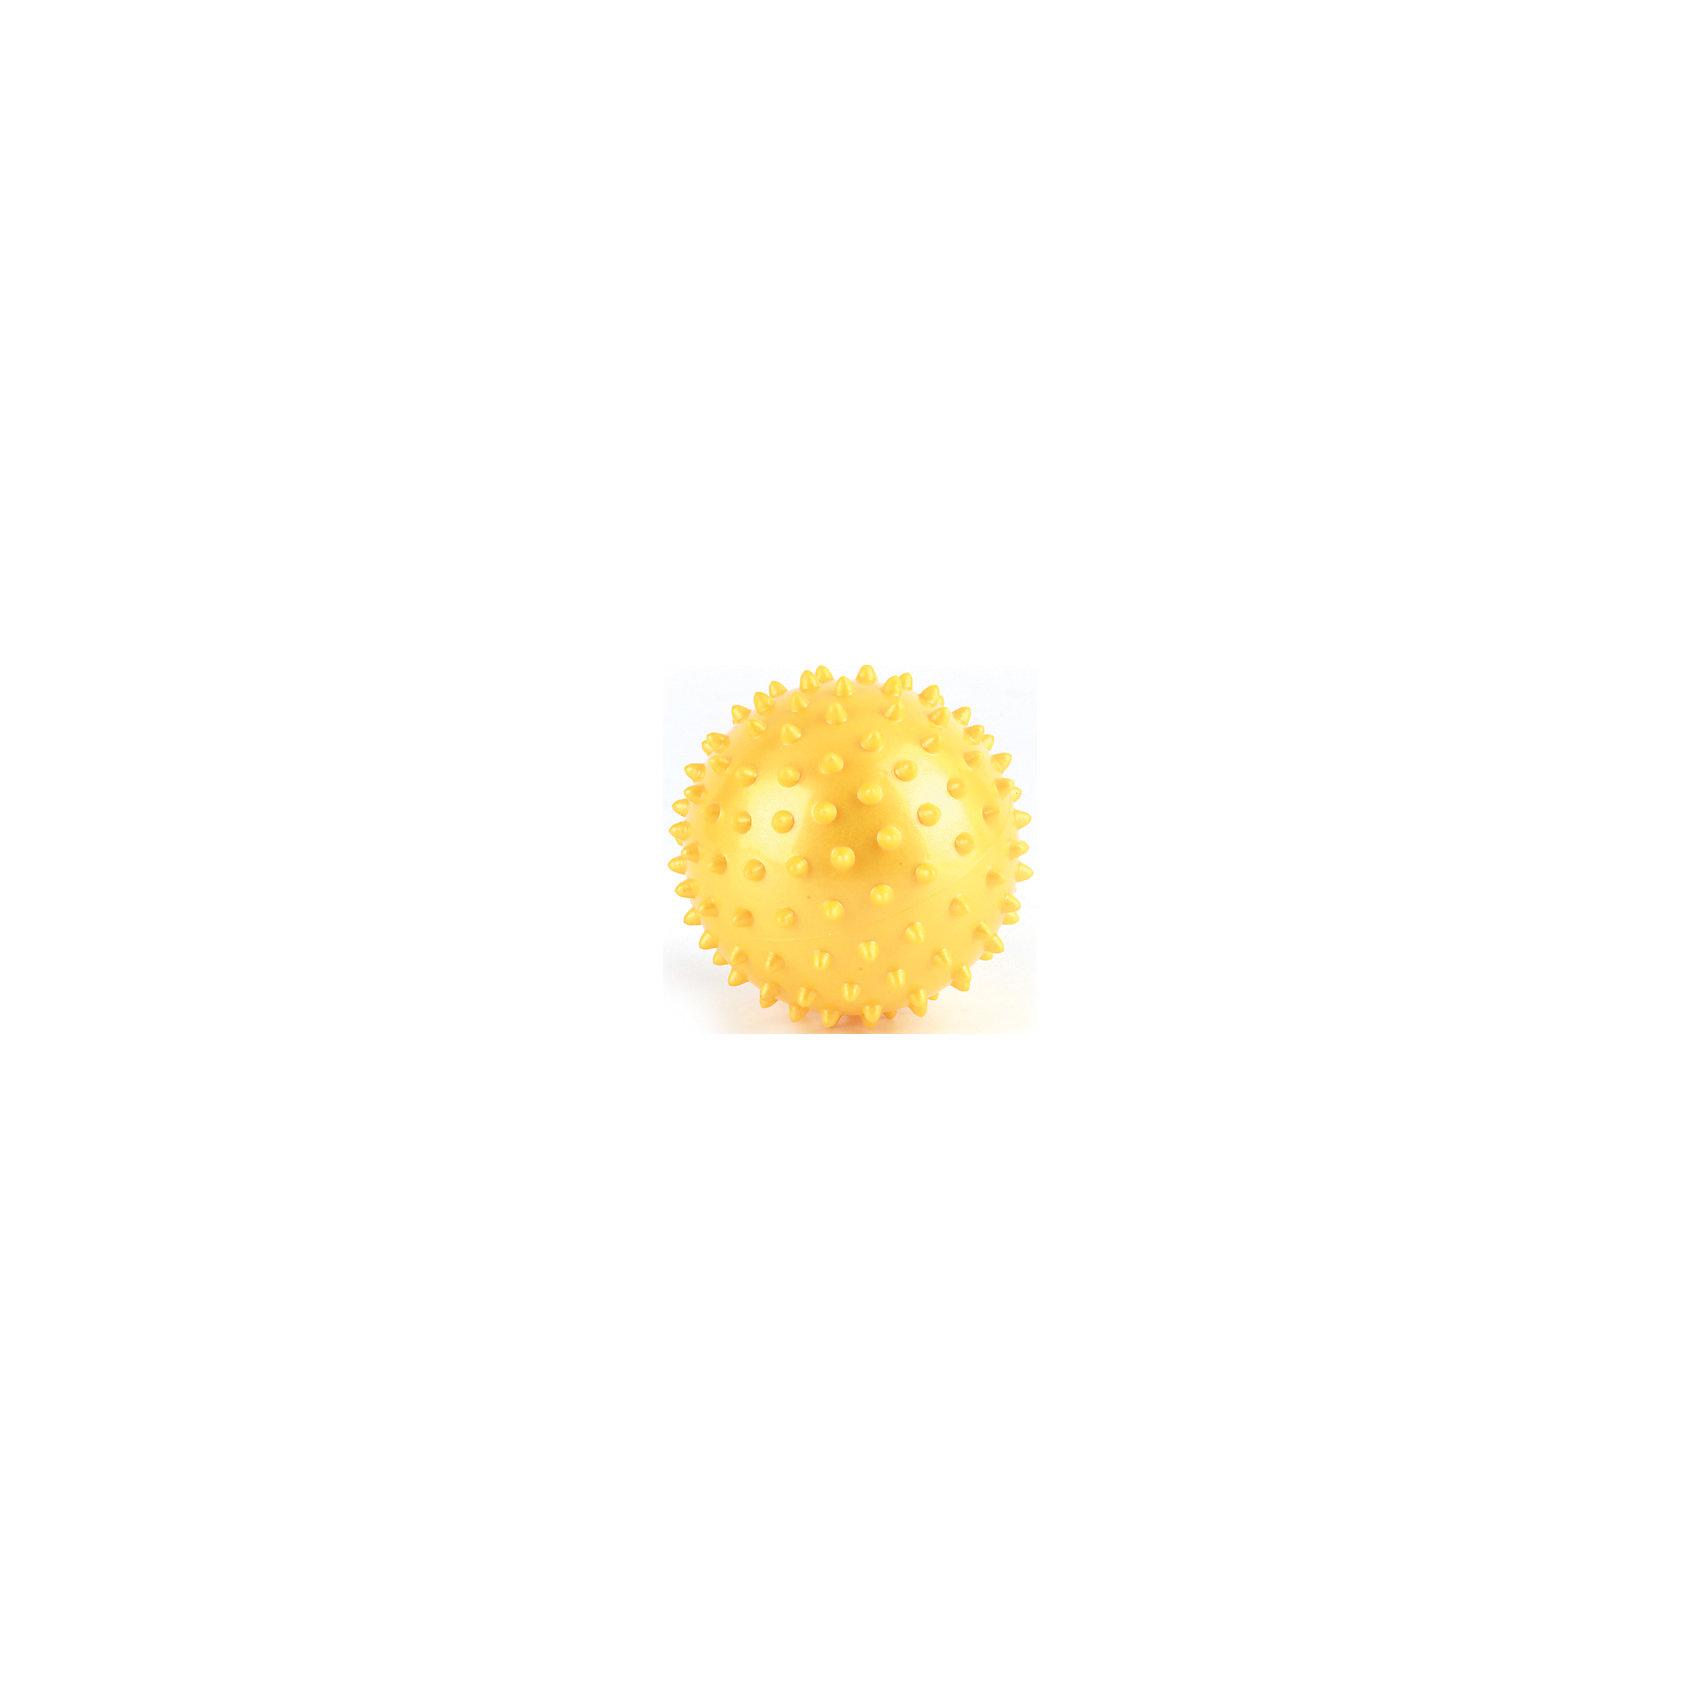 Мяч Массажный, 7,5 см, Играем вместе, в ассортиментеЯркий массажный мячик обязательно понравится ребенку. Игрушка выполнена из высококачественных материалов, в производстве которых использованы только нетоксичные, безопасные для детей красители. Мячик имеет небольшой размер идеально подходящий для детских рук, поверхность игрушки покрыта неострыми фактурными шипами, играя ребенок будет тренировать мелкую моторику, тактильные ощущения, а также внимание и меткость. <br>Дополнительная информация:<br><br>- Материал: ПВХ.<br>- Размер d - 7,5 см.<br>- Цвет в ассортименте.<br>ВНИМАНИЕ! Данный артикул представлен в разных вариантах исполнения. К сожалению, заранее выбрать определенный вариант невозможно. При заказе нескольких мячей возможно получение одинаковых.<br><br>Мяч Массажный, 7,5 см, Играем вместе, в ассортименте, можно купить в нашем магазине.<br><br>Ширина мм: 670<br>Глубина мм: 310<br>Высота мм: 580<br>Вес г: 30<br>Возраст от месяцев: 0<br>Возраст до месяцев: 1188<br>Пол: Унисекс<br>Возраст: Детский<br>SKU: 4616843